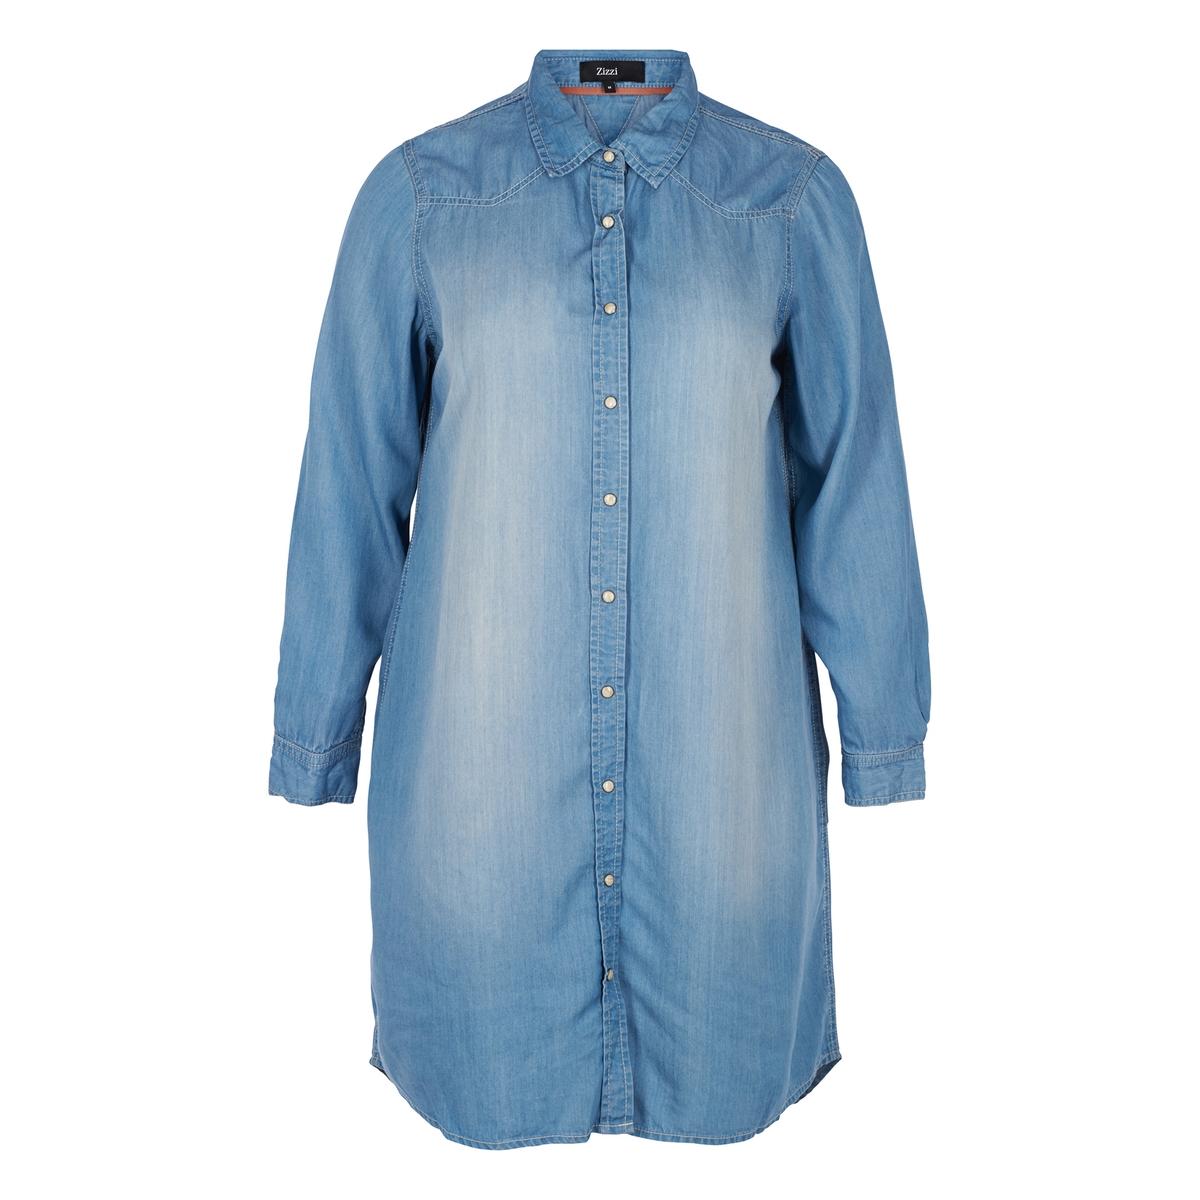 Платье-рубашка с эффектом джинсовой ткани рубашка прямая большого размера в клетку